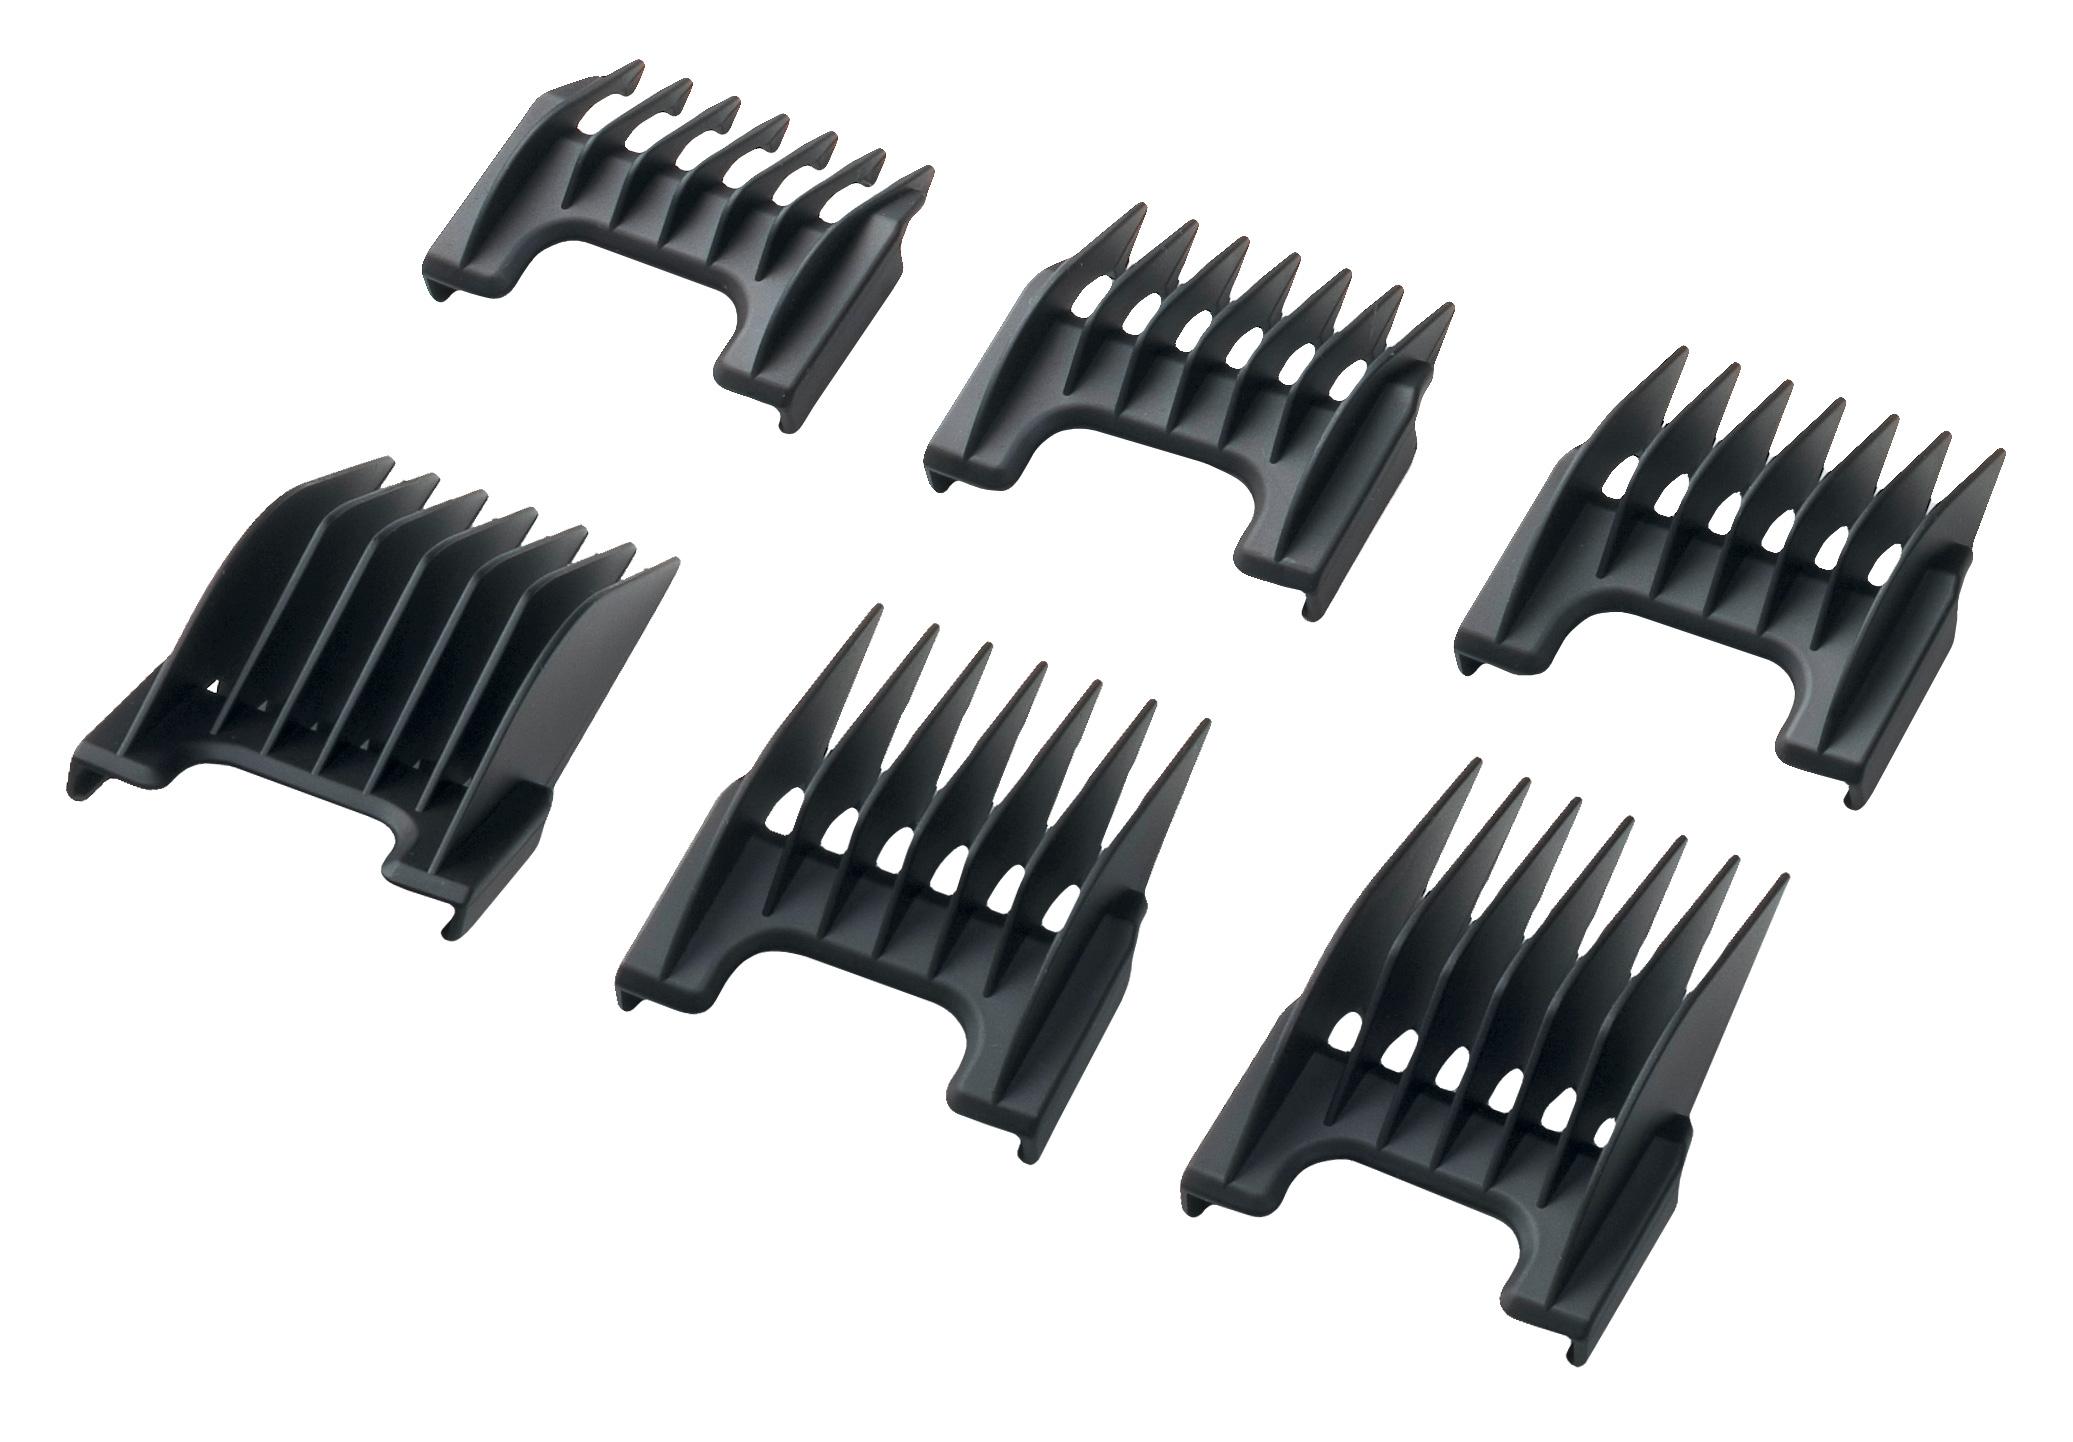 установка ножей на машинку для стрижки мозер инструкция